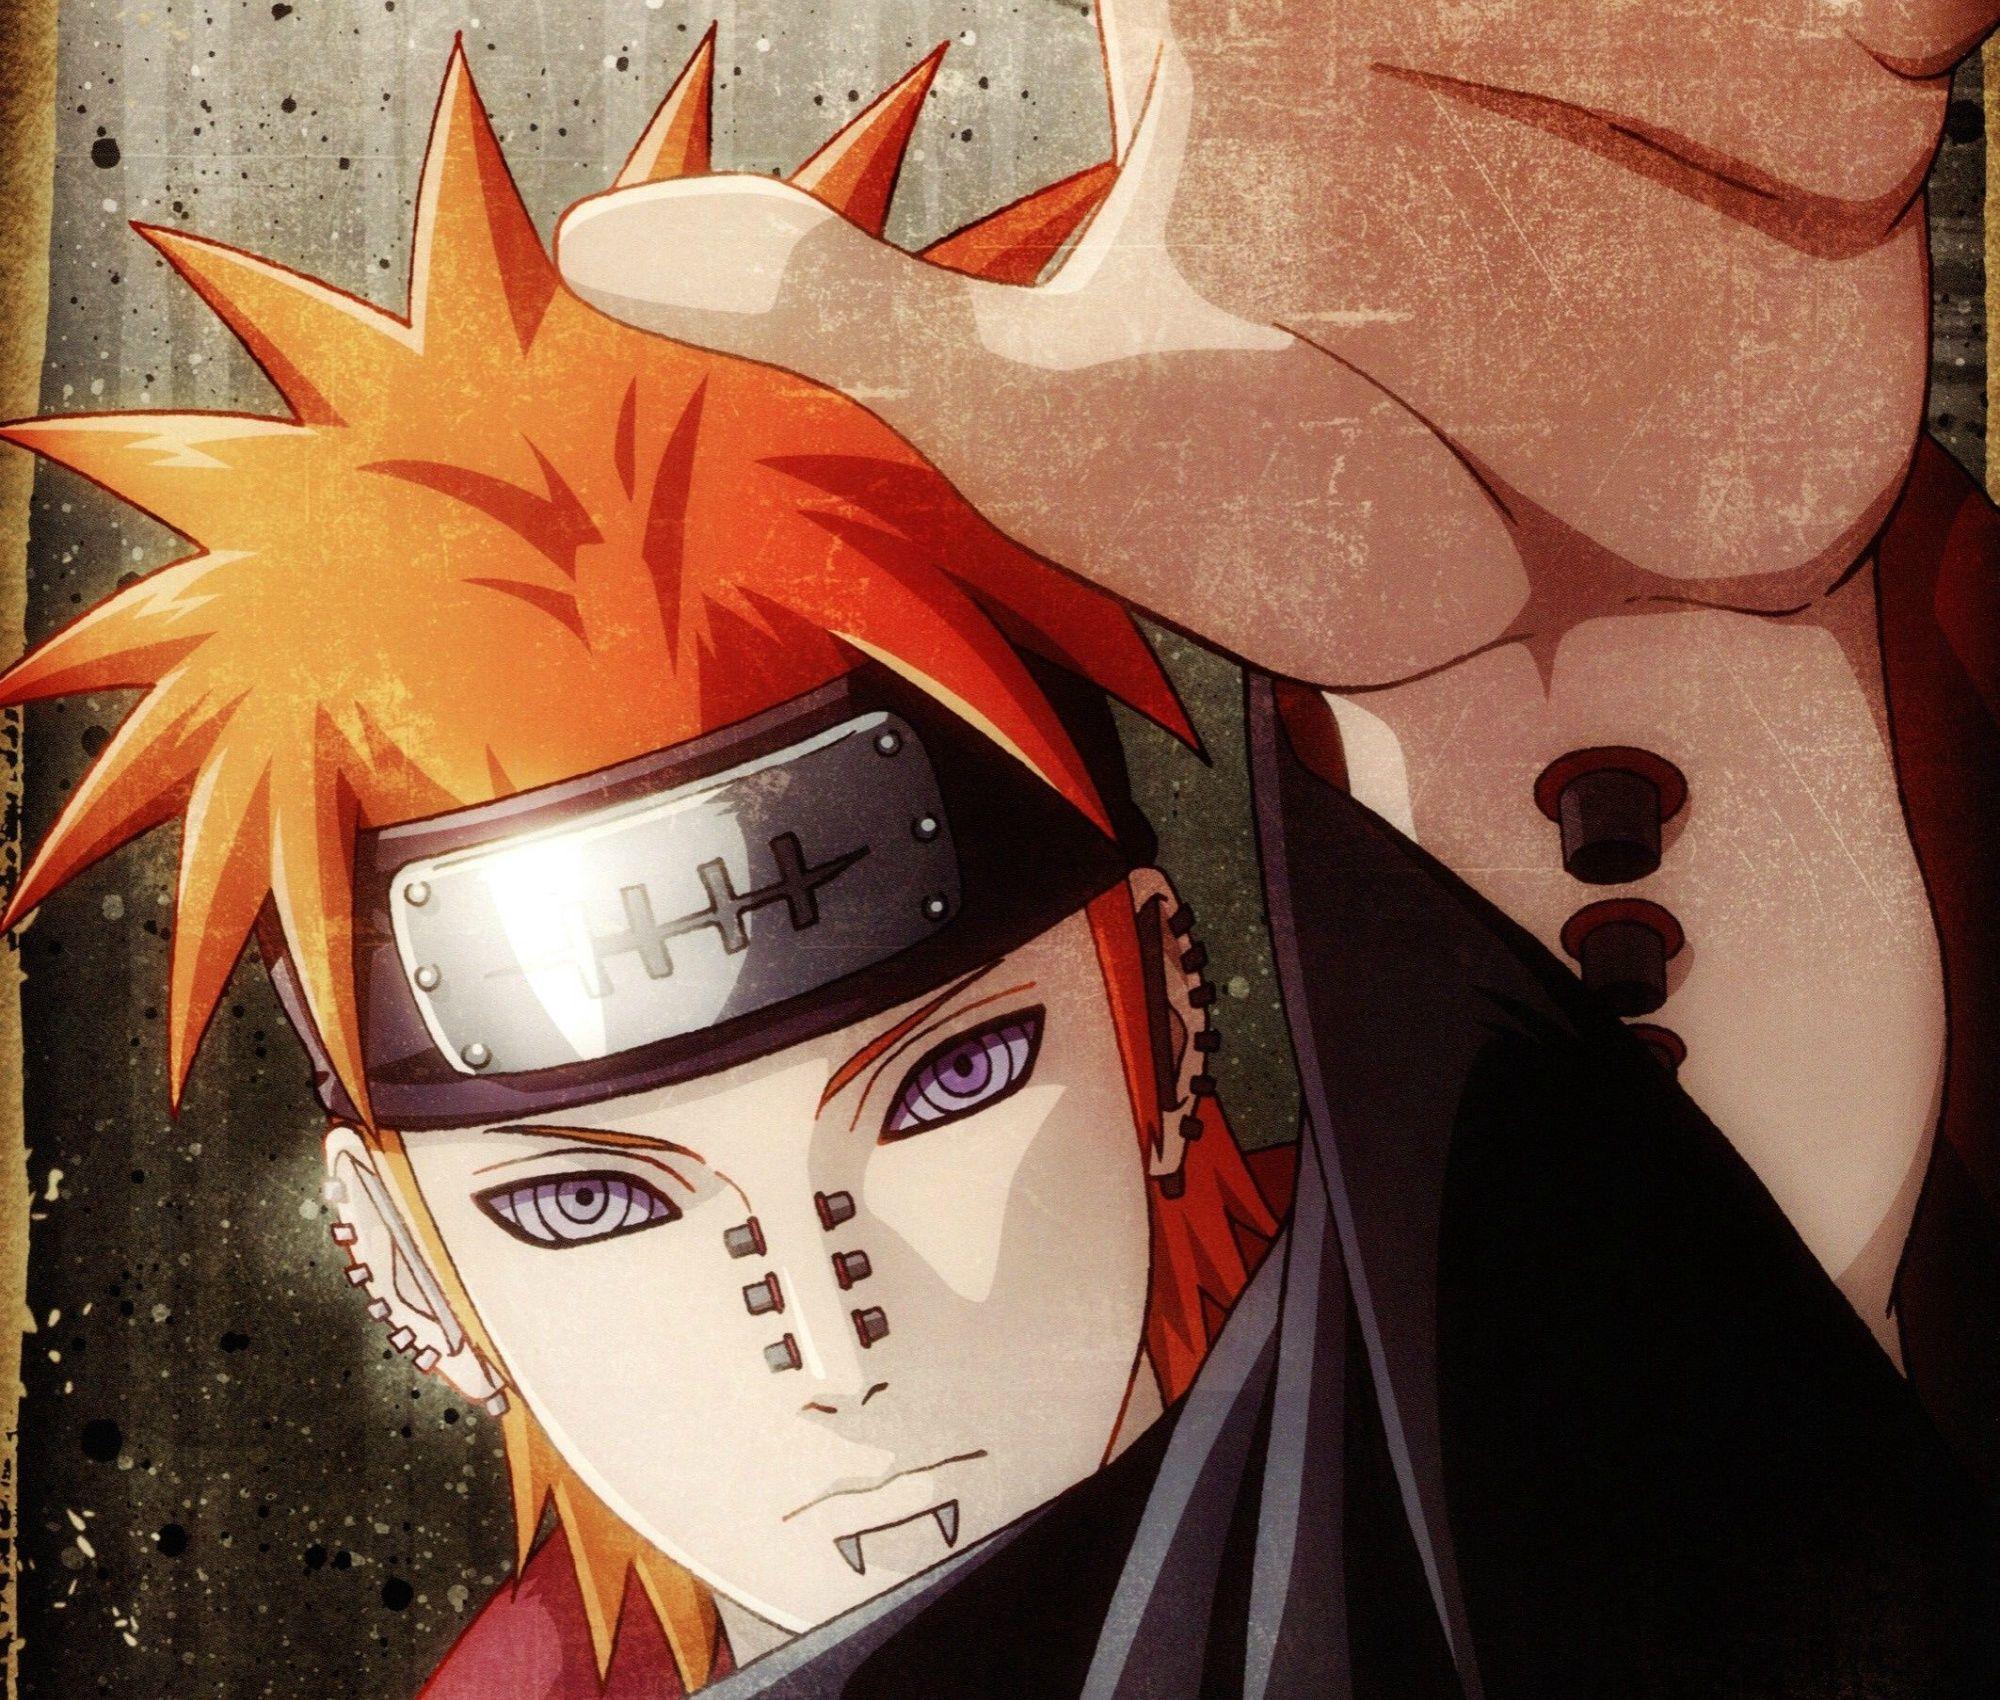 Naruto Shippuden Pain Wallpapers Top Free Naruto Shippuden